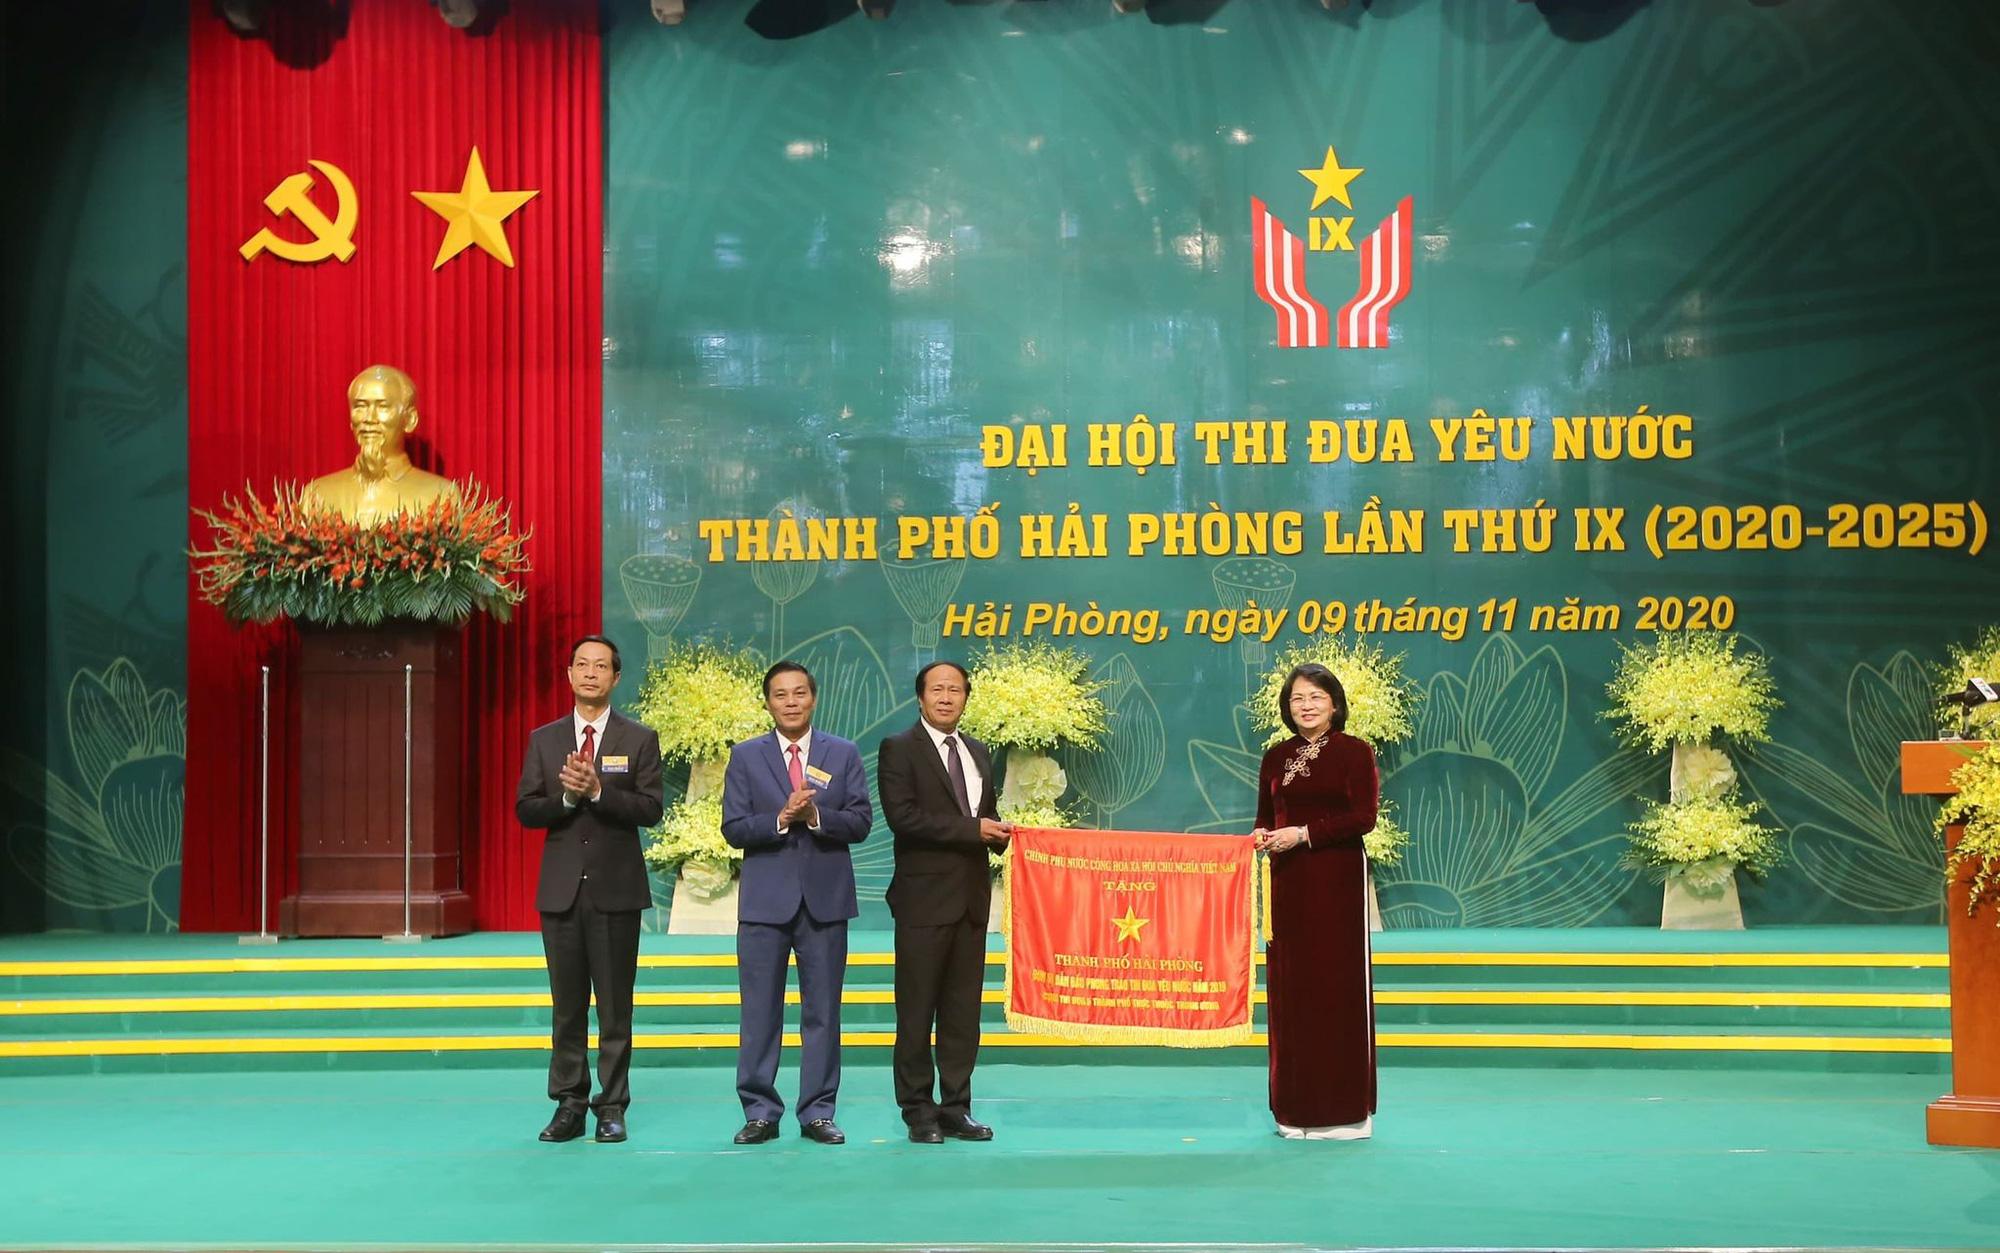 Hải Phòng: Tôn vinh 500 tập thể, cá nhân tại Đại hội Thi đua yêu nước - Ảnh 1.